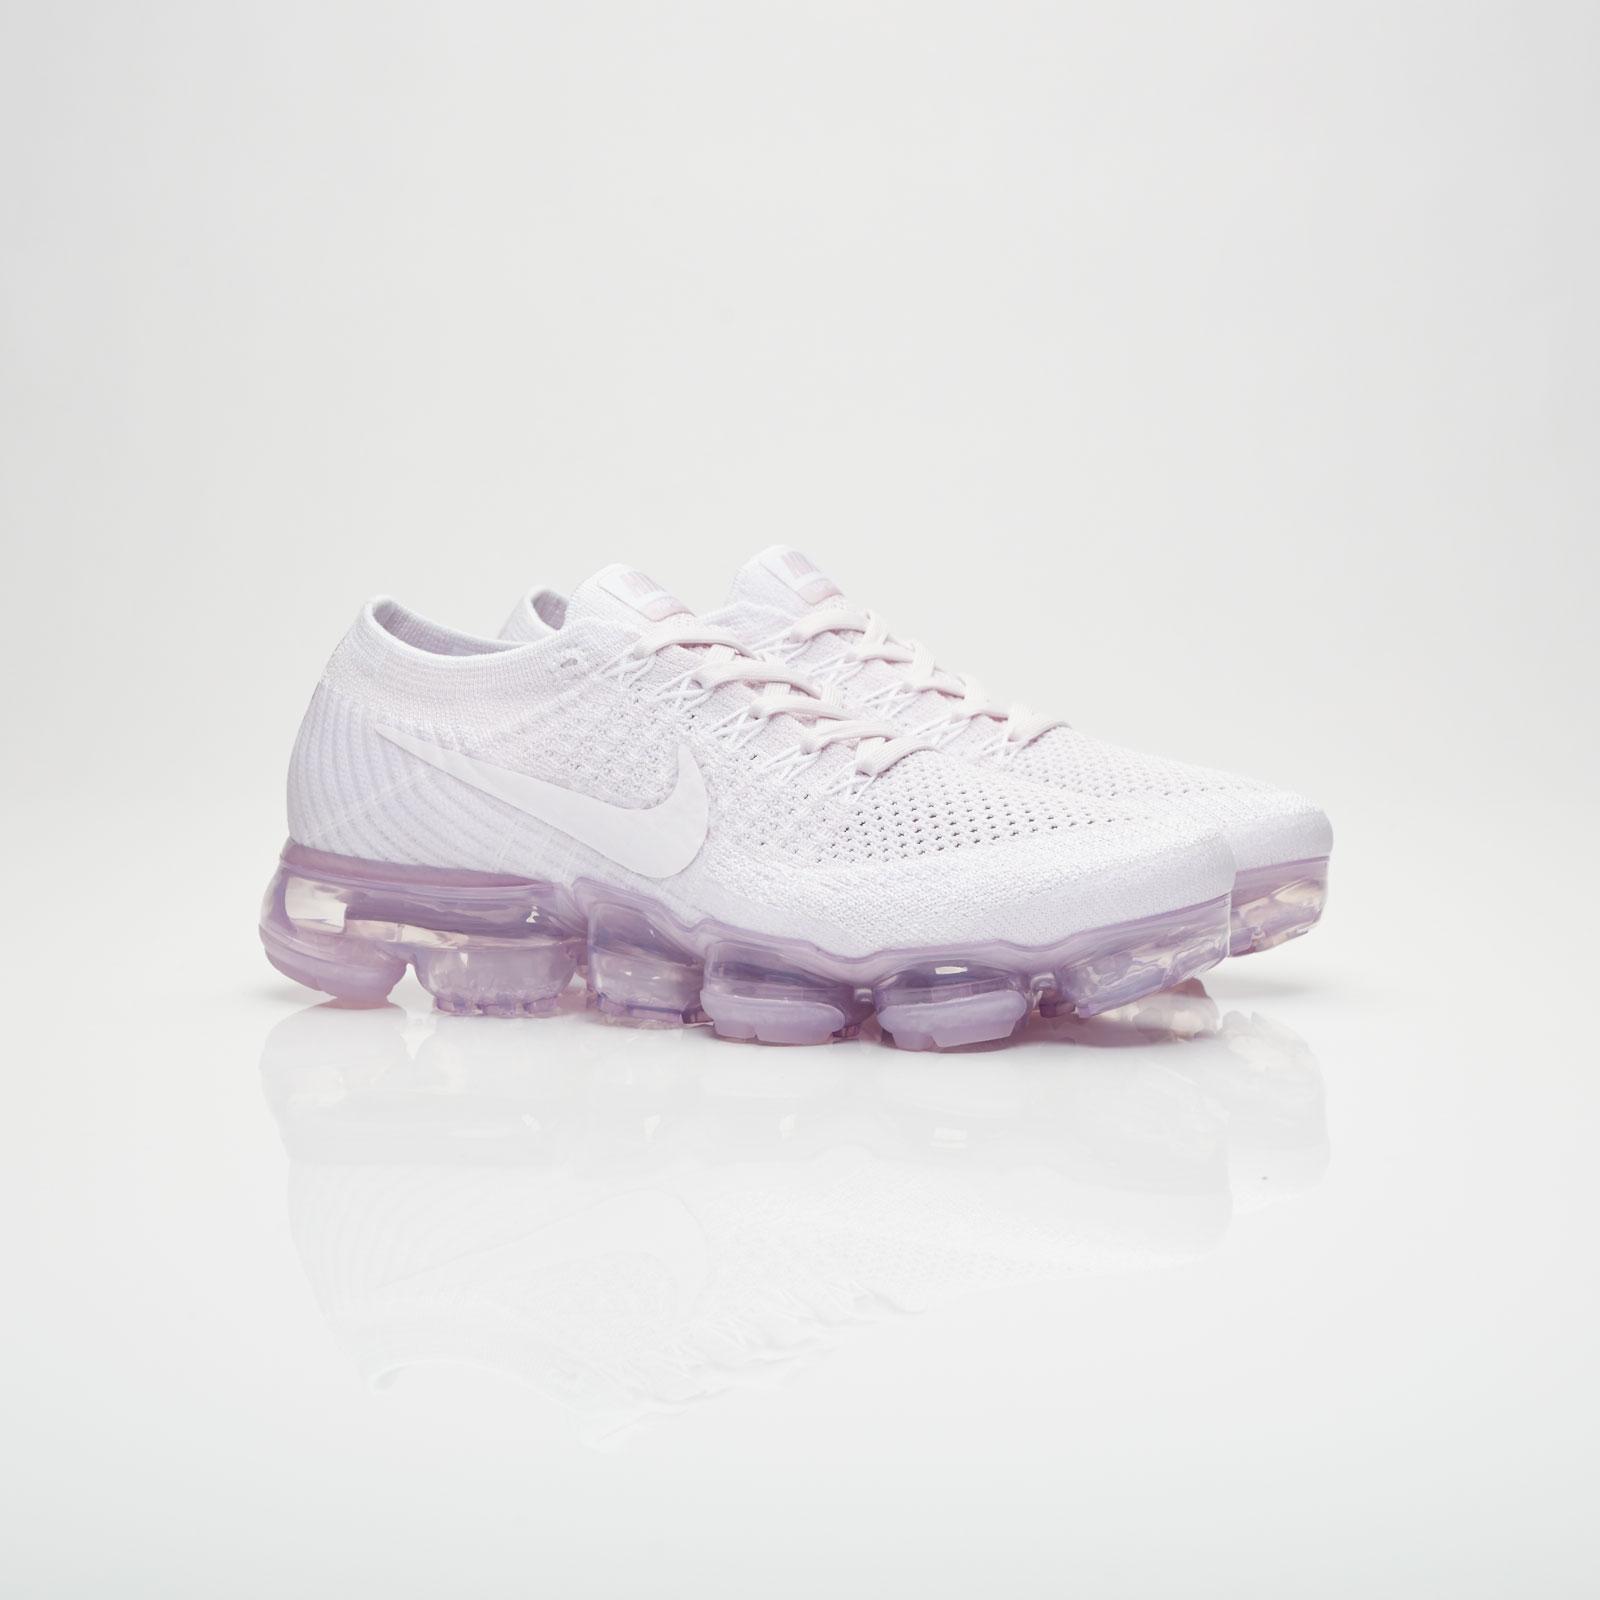 37e776631aec Nike Wmns Air Vapormax Flyknit - 849557-501 - Sneakersnstuff ...